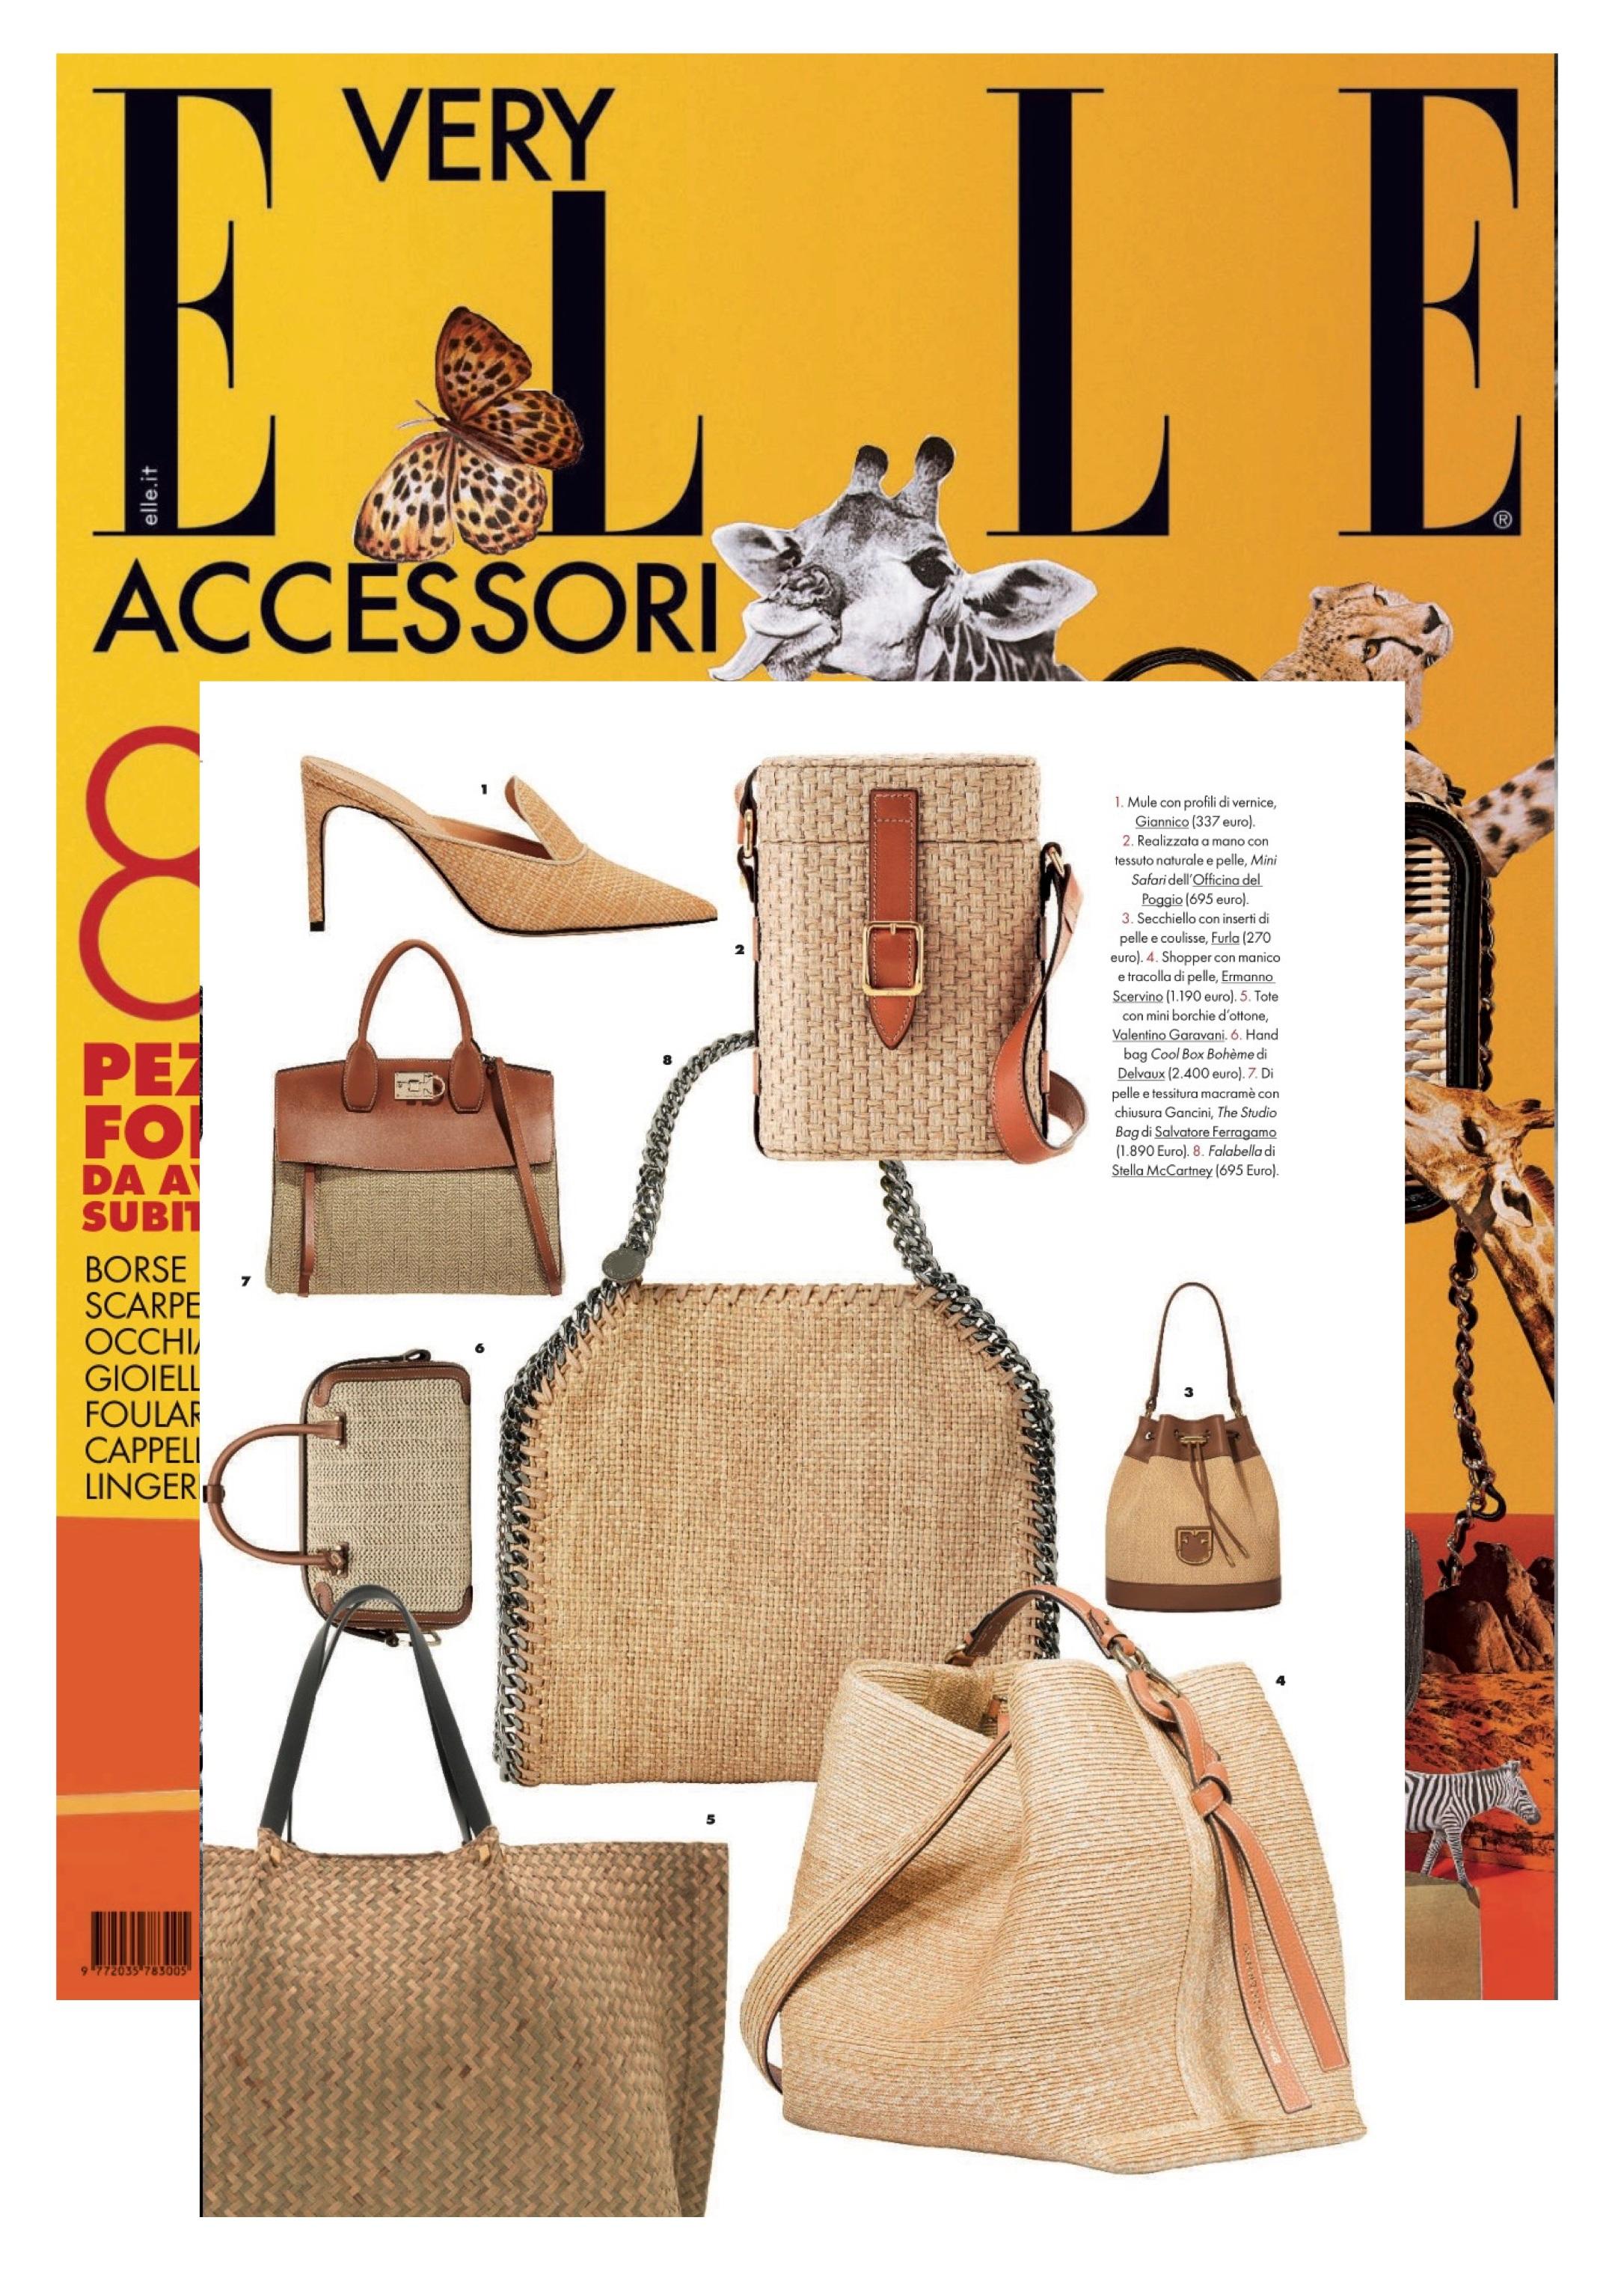 Elle_Accessories_ODP_Officina_del_Poggio_Juta_MiniSafari_Bag.jpg